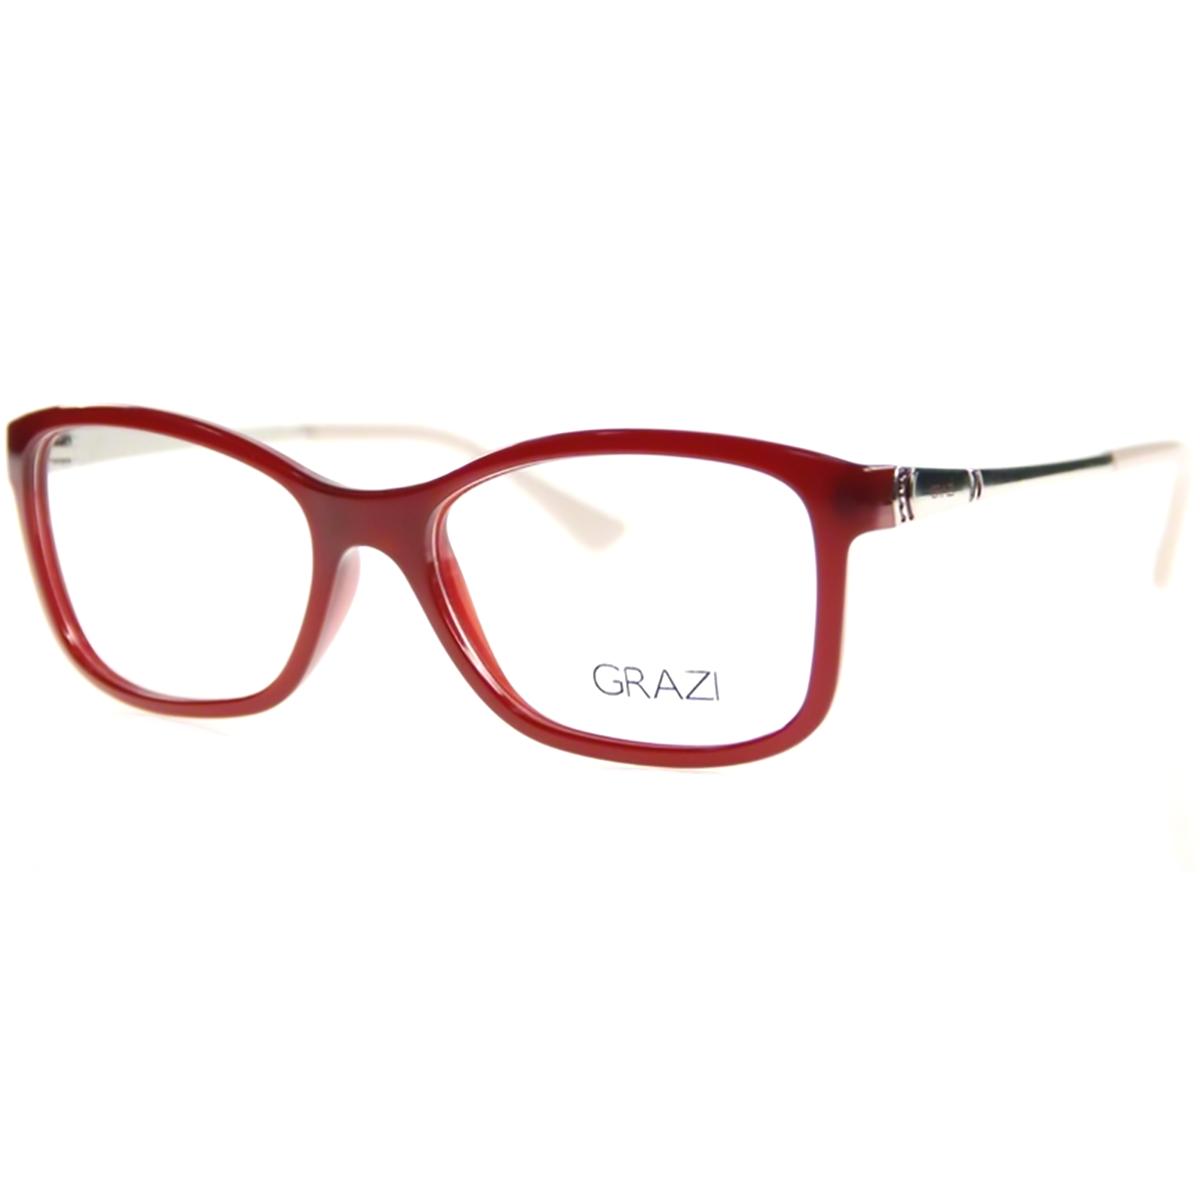 05a40bdf27e40 Compre Óculos de Grau Grazi Massafera em 10X Tri Jóia Shop